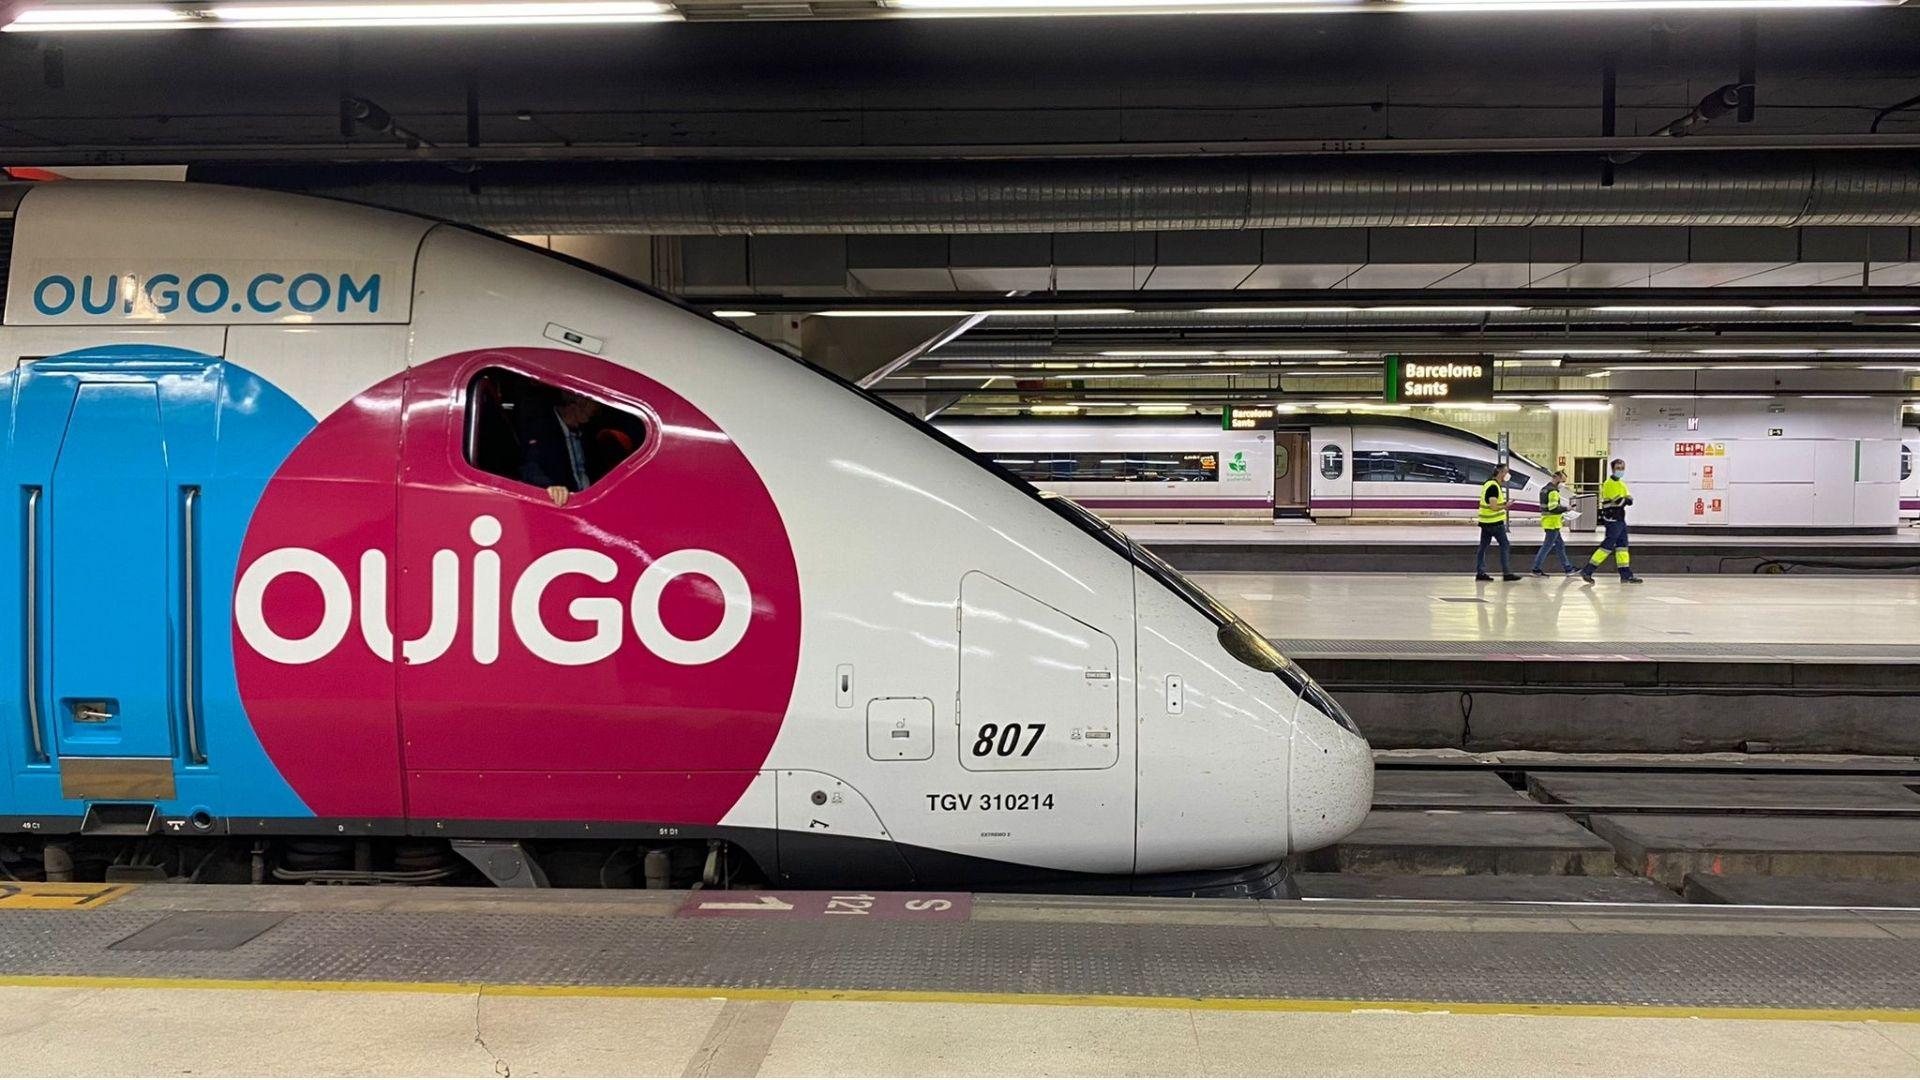 Tren d'alta velocitat Ouigo a Sants